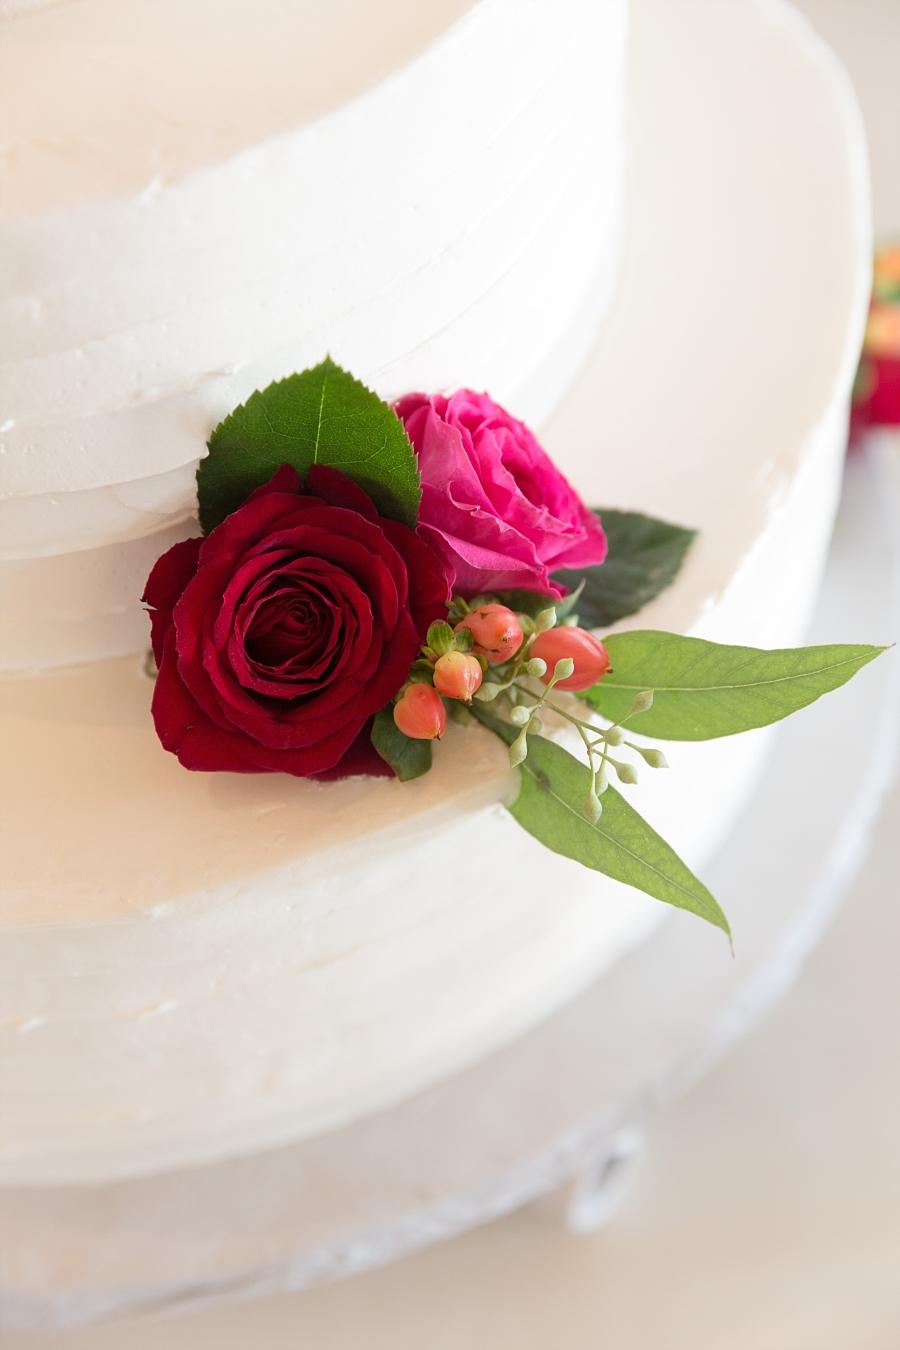 Stacy-Amderson-Photography-Houston-Fredericksberg-Wedding-Photographer_0049.jpg